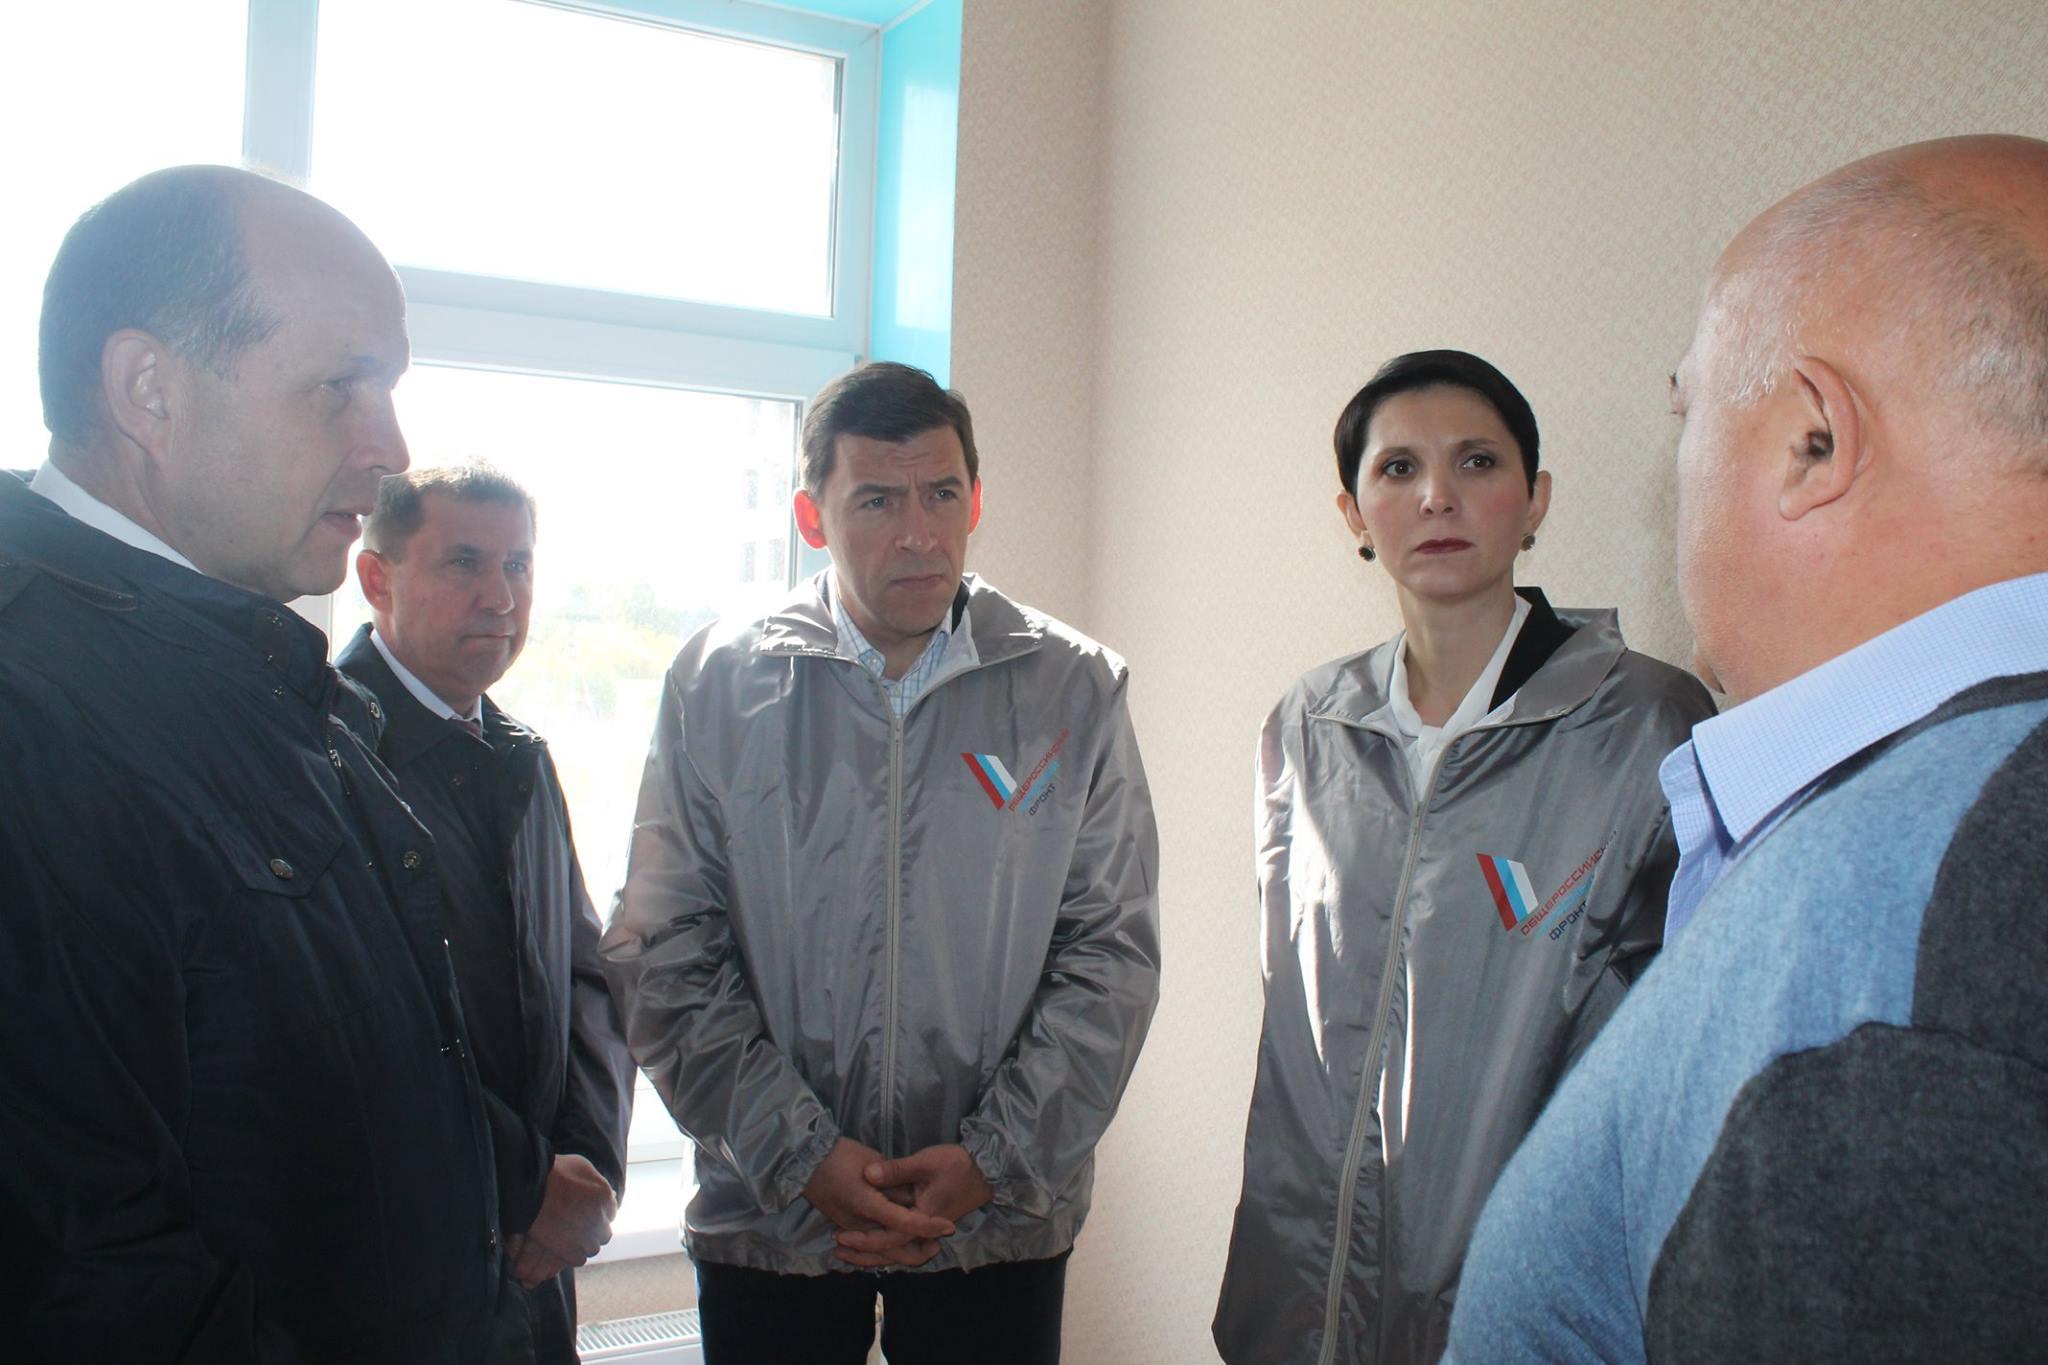 ВСвердловской области построят школы с употреблением устройств государственно-частного партнерства